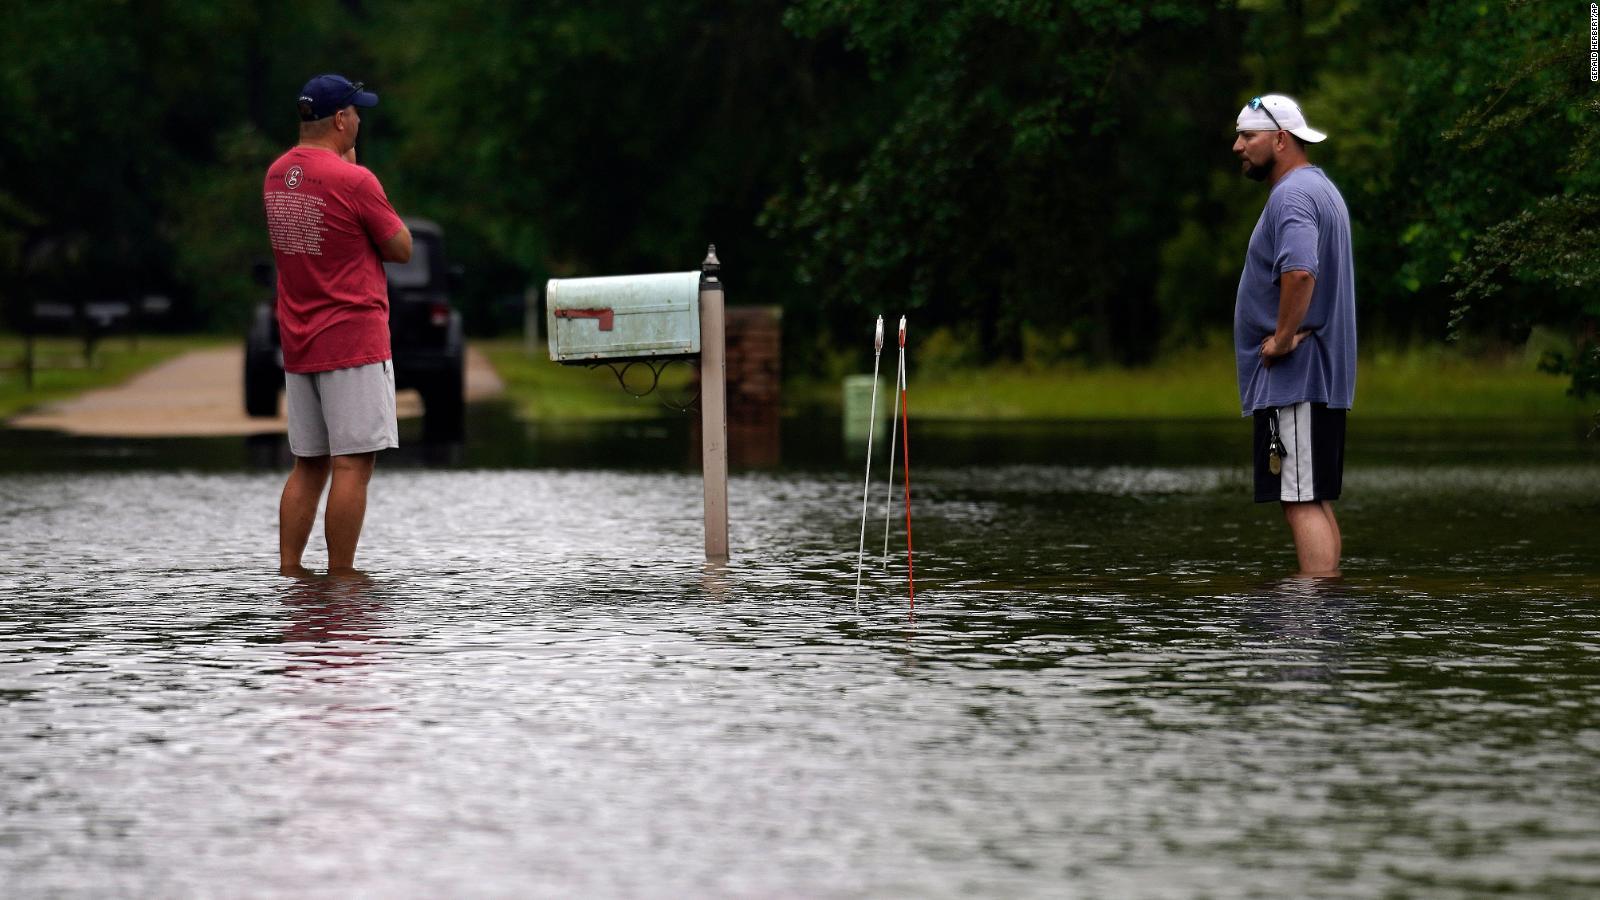 Tormenta tropical Claudette causaría inundaciones repentinas en EE.UU. ¿Sabes qué son?